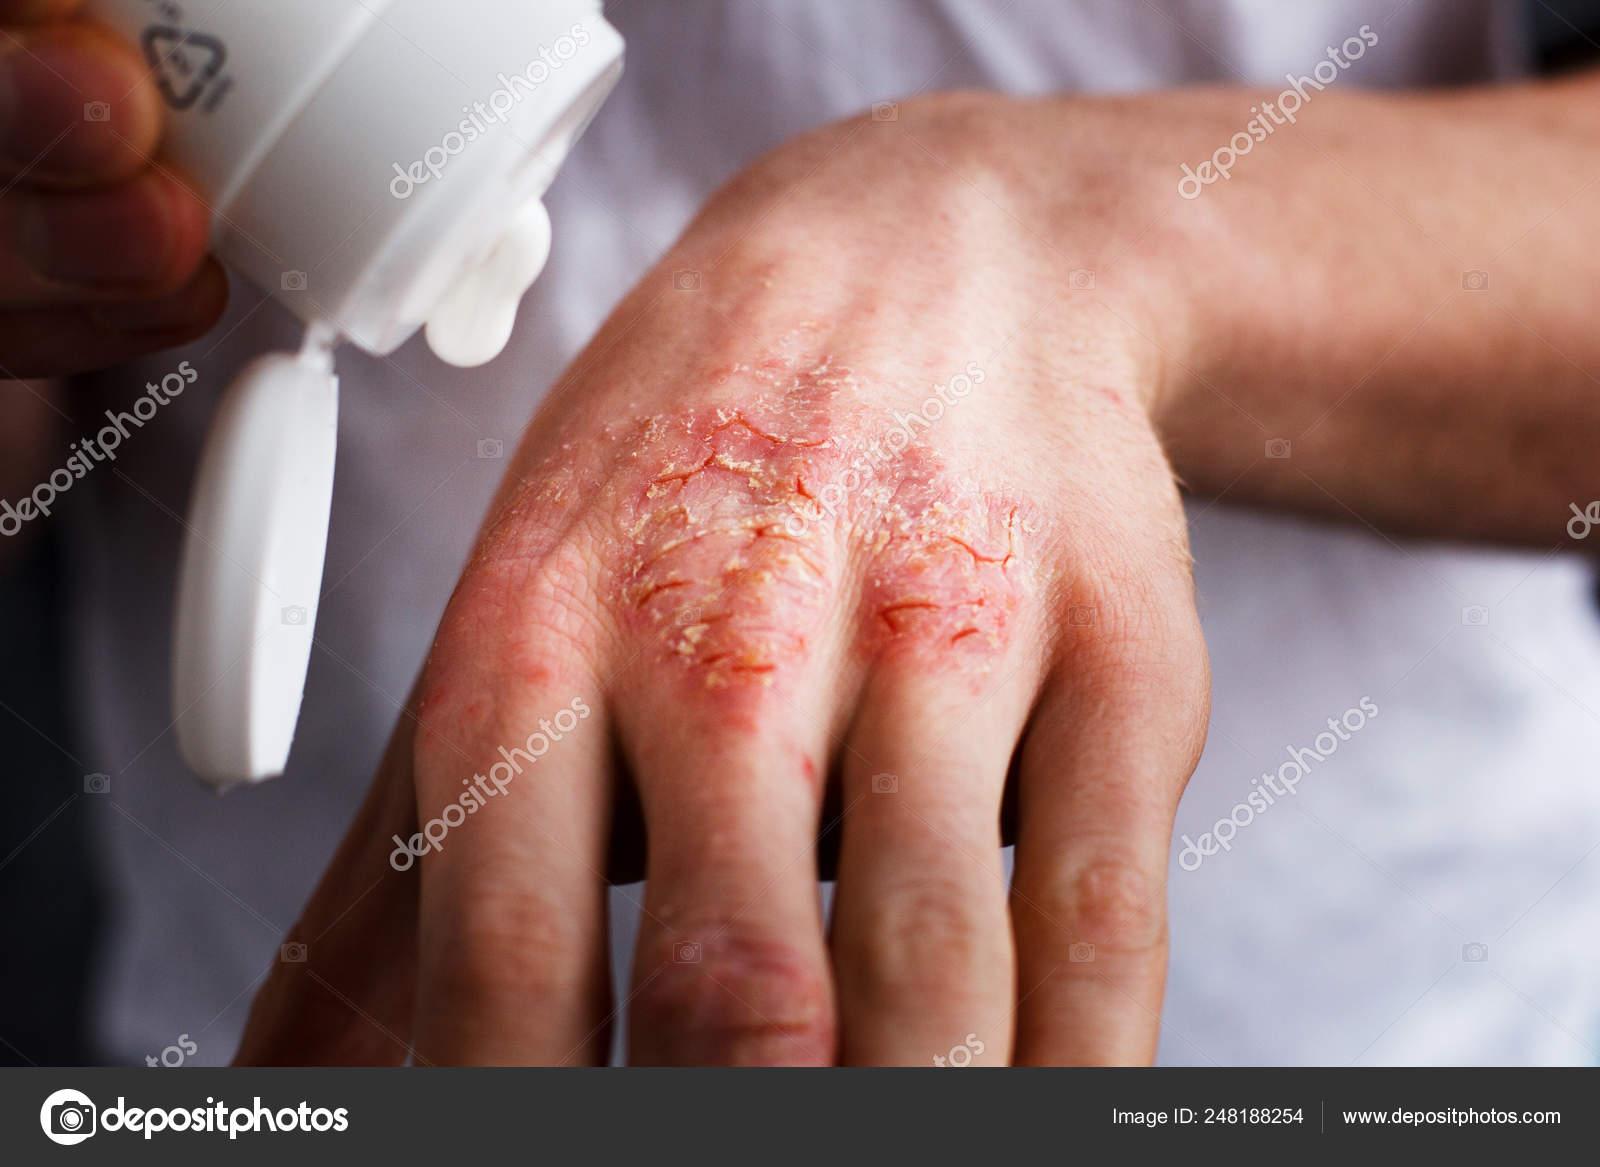 kiütés vörös foltokkal a kezeken korpásodás és vörös foltok az arcon